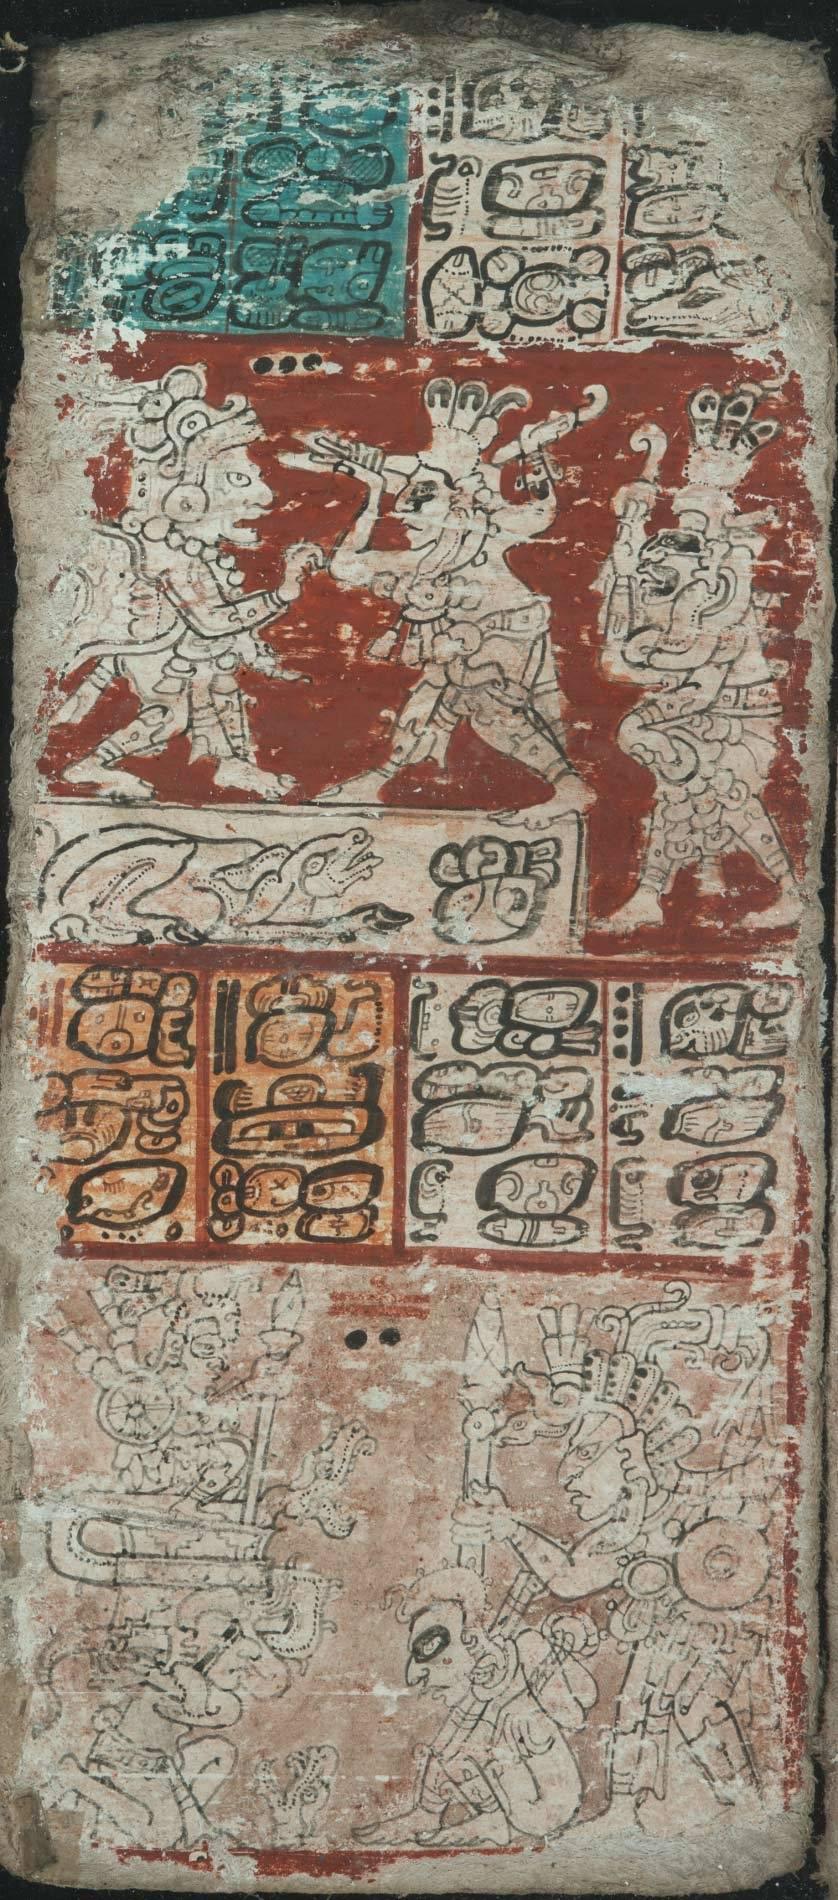 Eine von ursprünglich 13 Seiten eines K'atun-Kalenders mit 13 mal 20 Jahren zu je 360 Tagen. Kämpfende Krieger oben und die Vorführung eines Gefangenen unten stehen für das Unheil, das nach Ablauf der ersten K'atun-Periode droht.